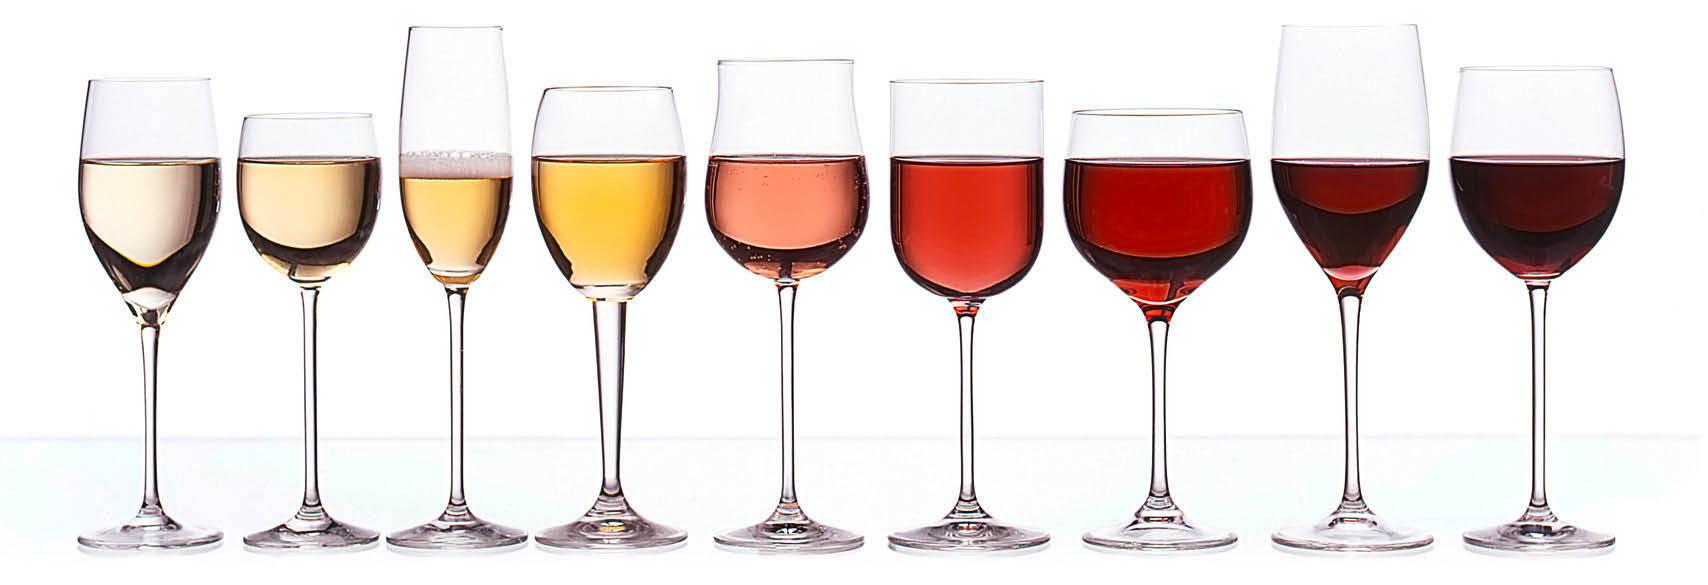 Dulaney Wines & Spirits photo